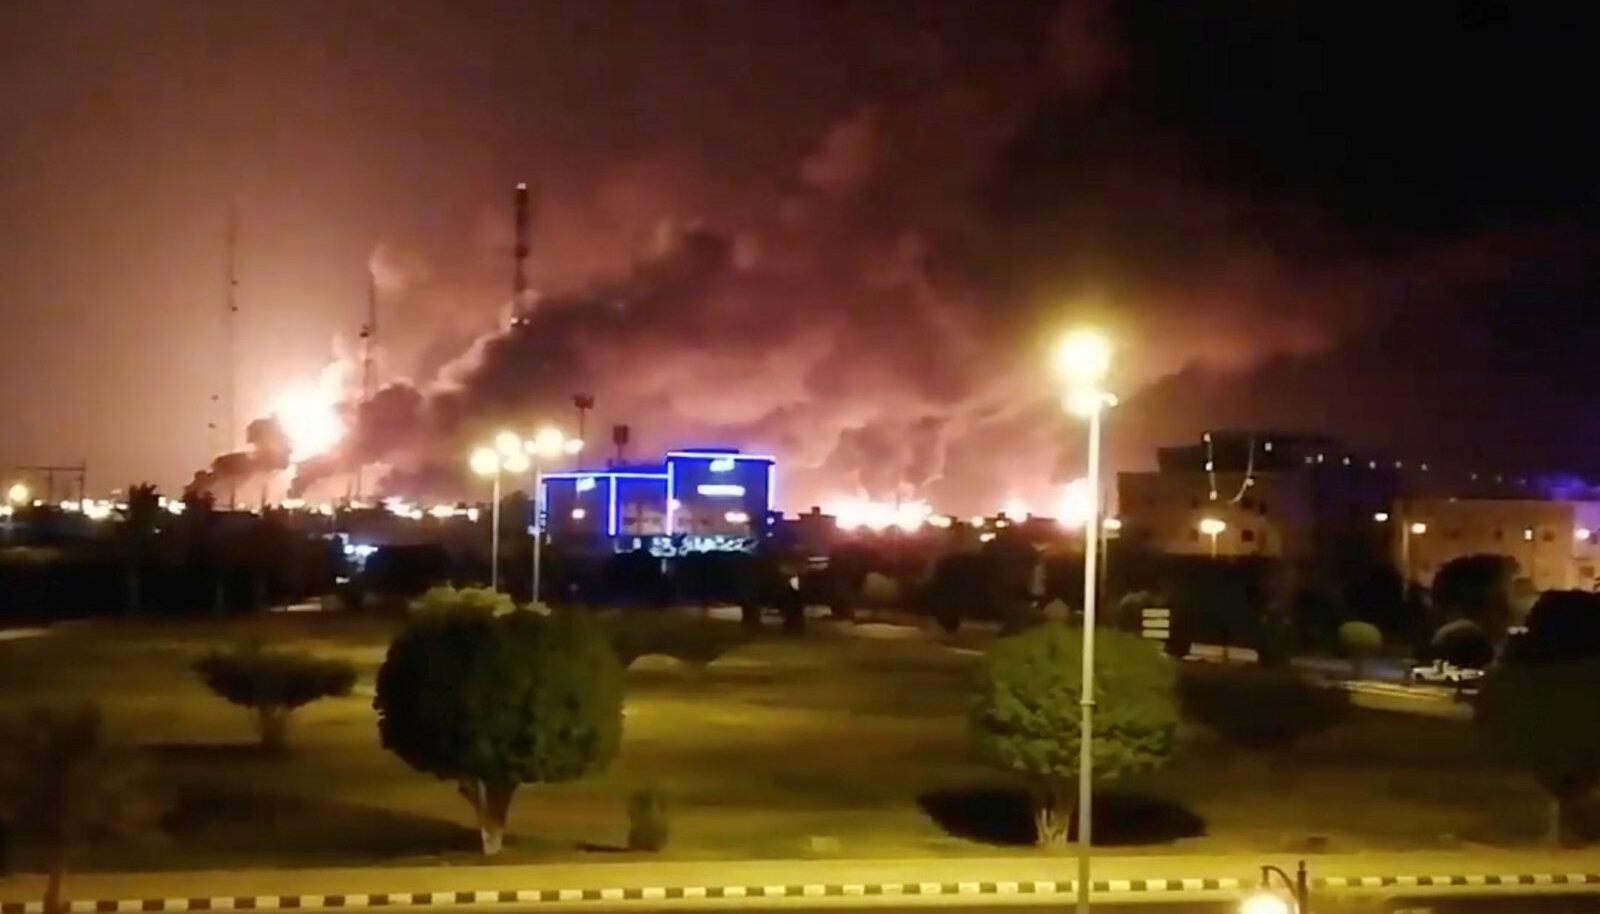 Põlengud Abqaiqis pärast droonirünnakut